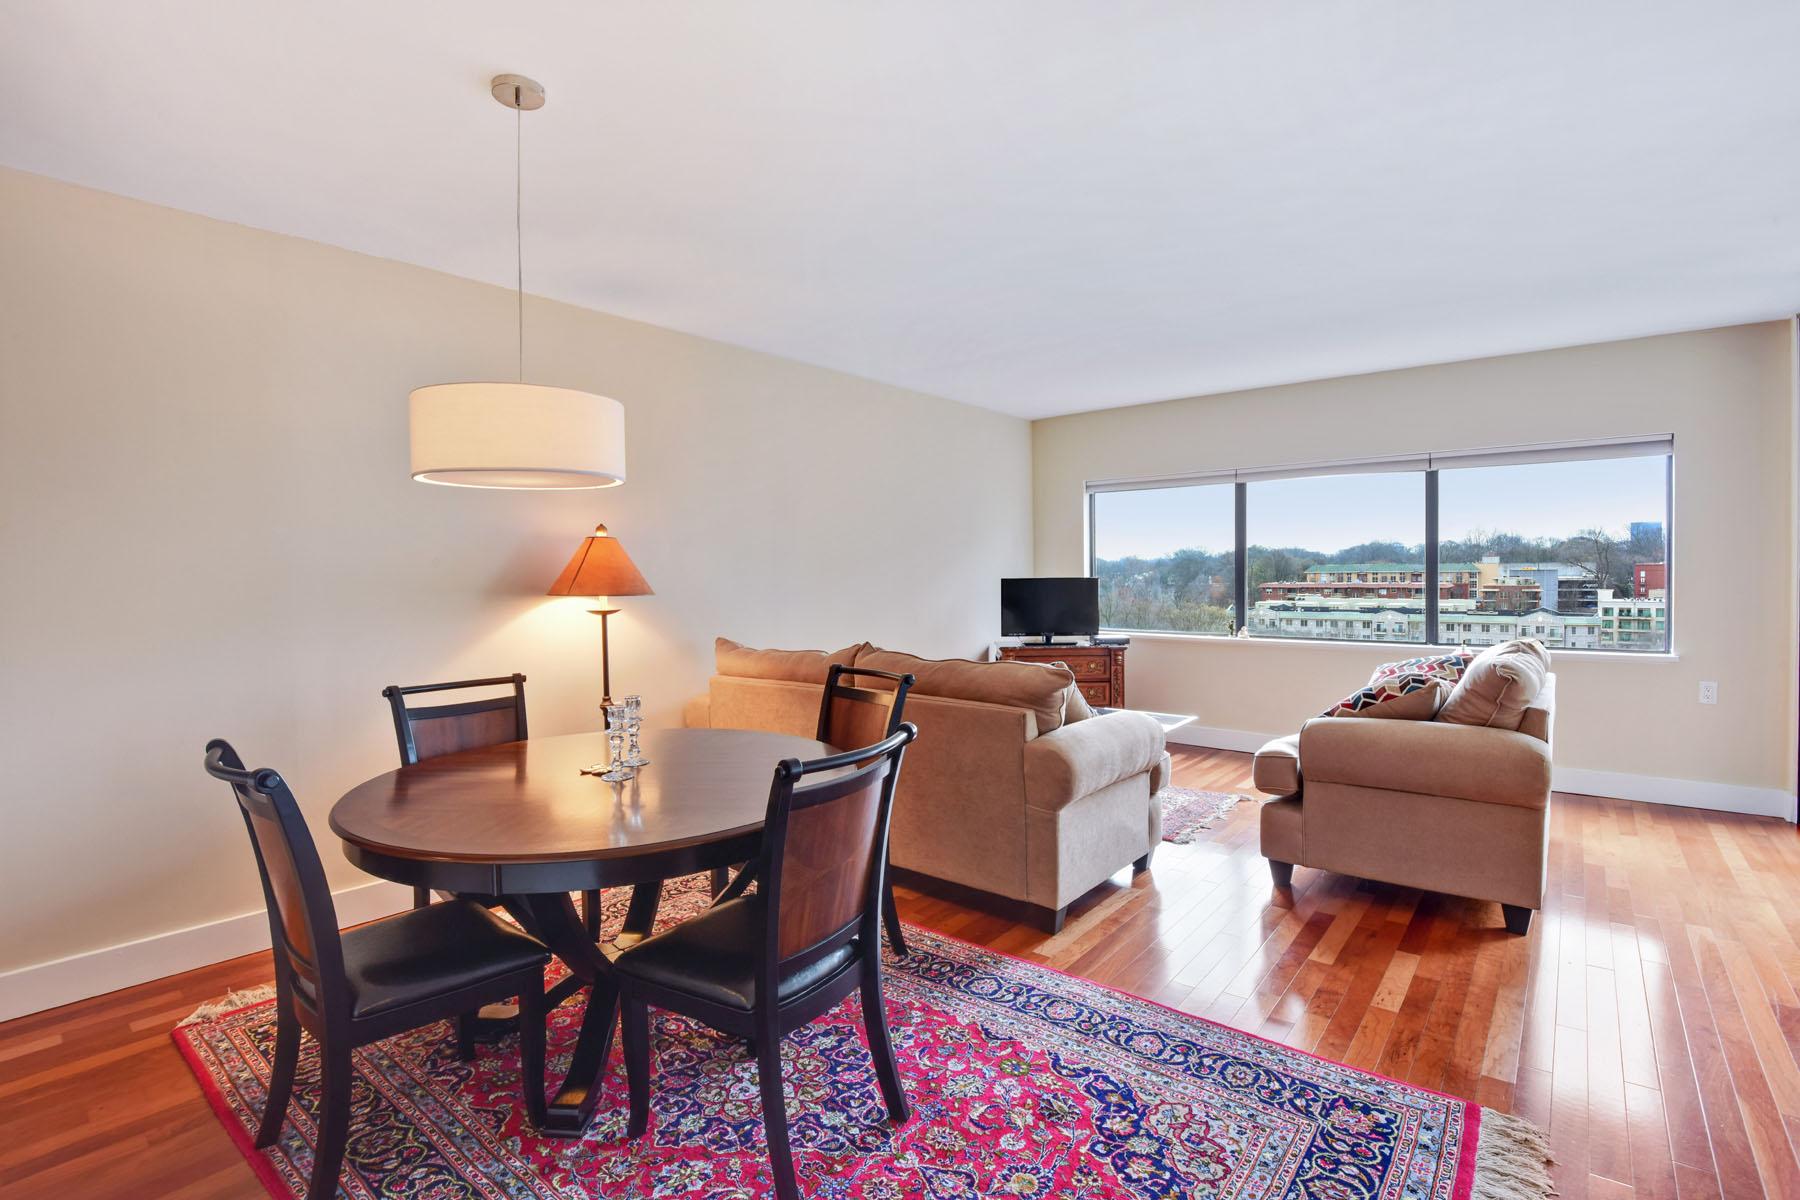 Condominium for Rent at Beautiful Midtown Condo 1130 Piedmont Ave 1105, Midtown, Atlanta, Georgia, 30309 United States